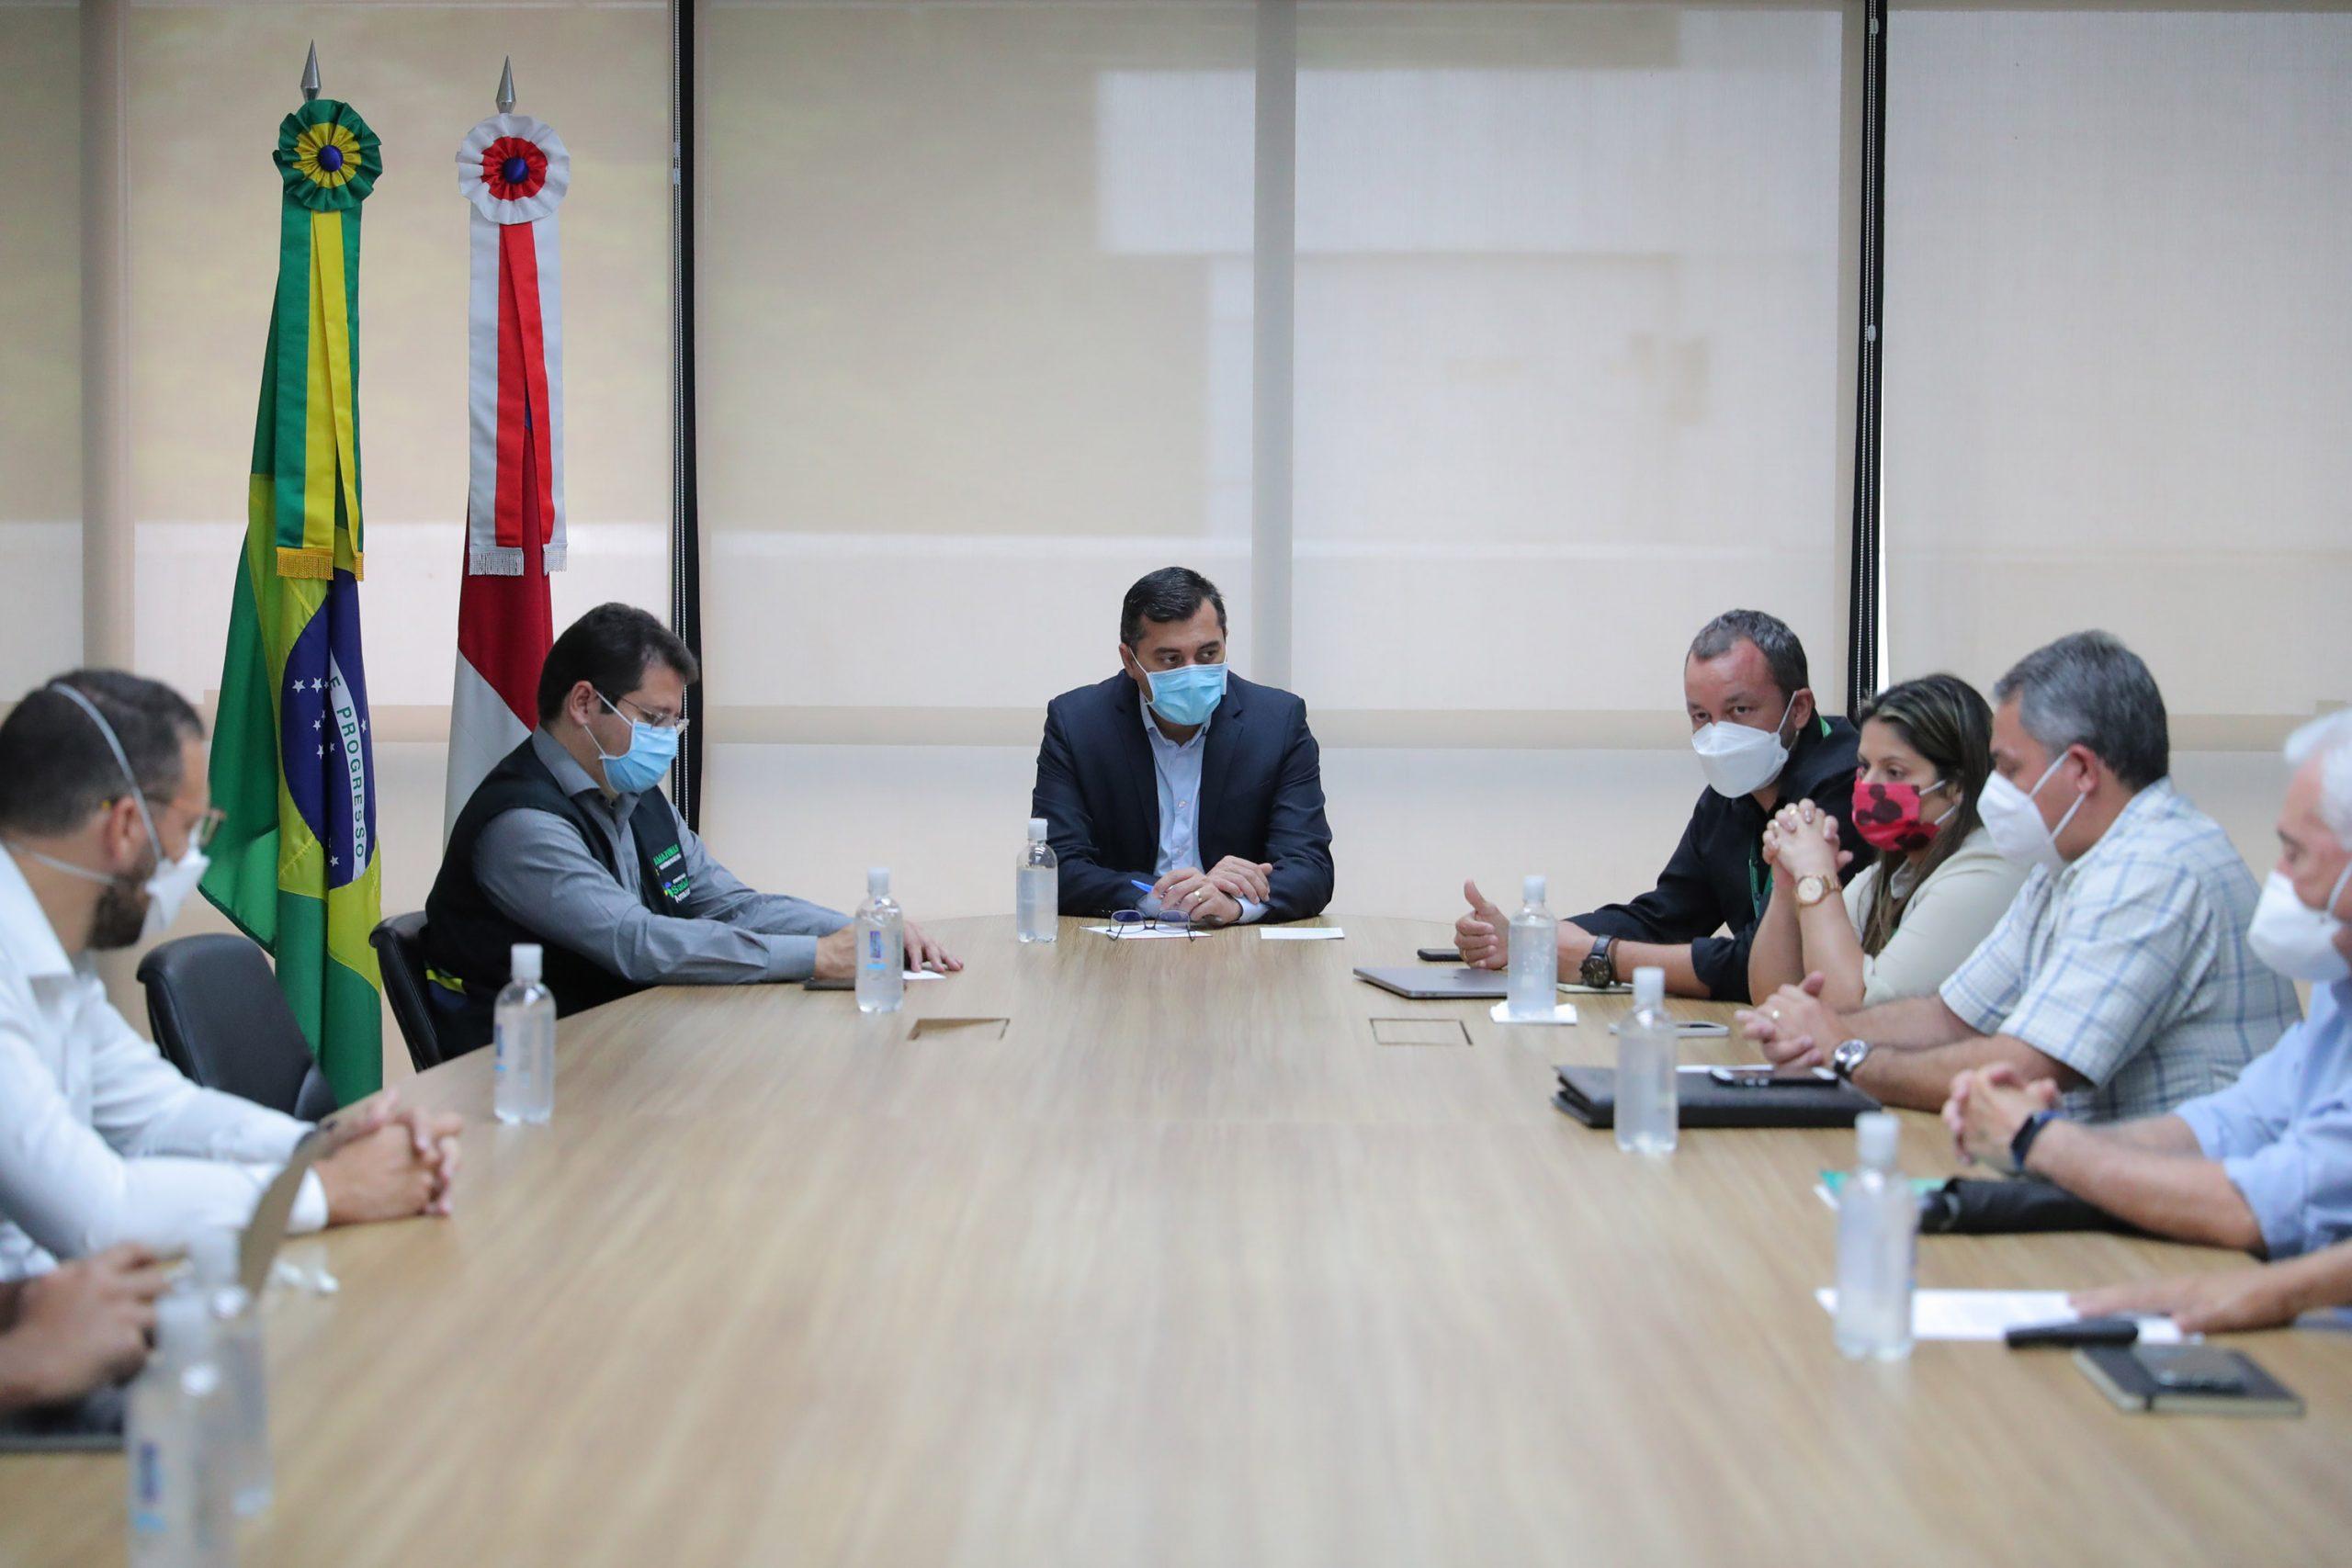 Wilson Lima anuncia formalização de comitê científico independente para auxiliar o Estado a enfrentar a pandemia